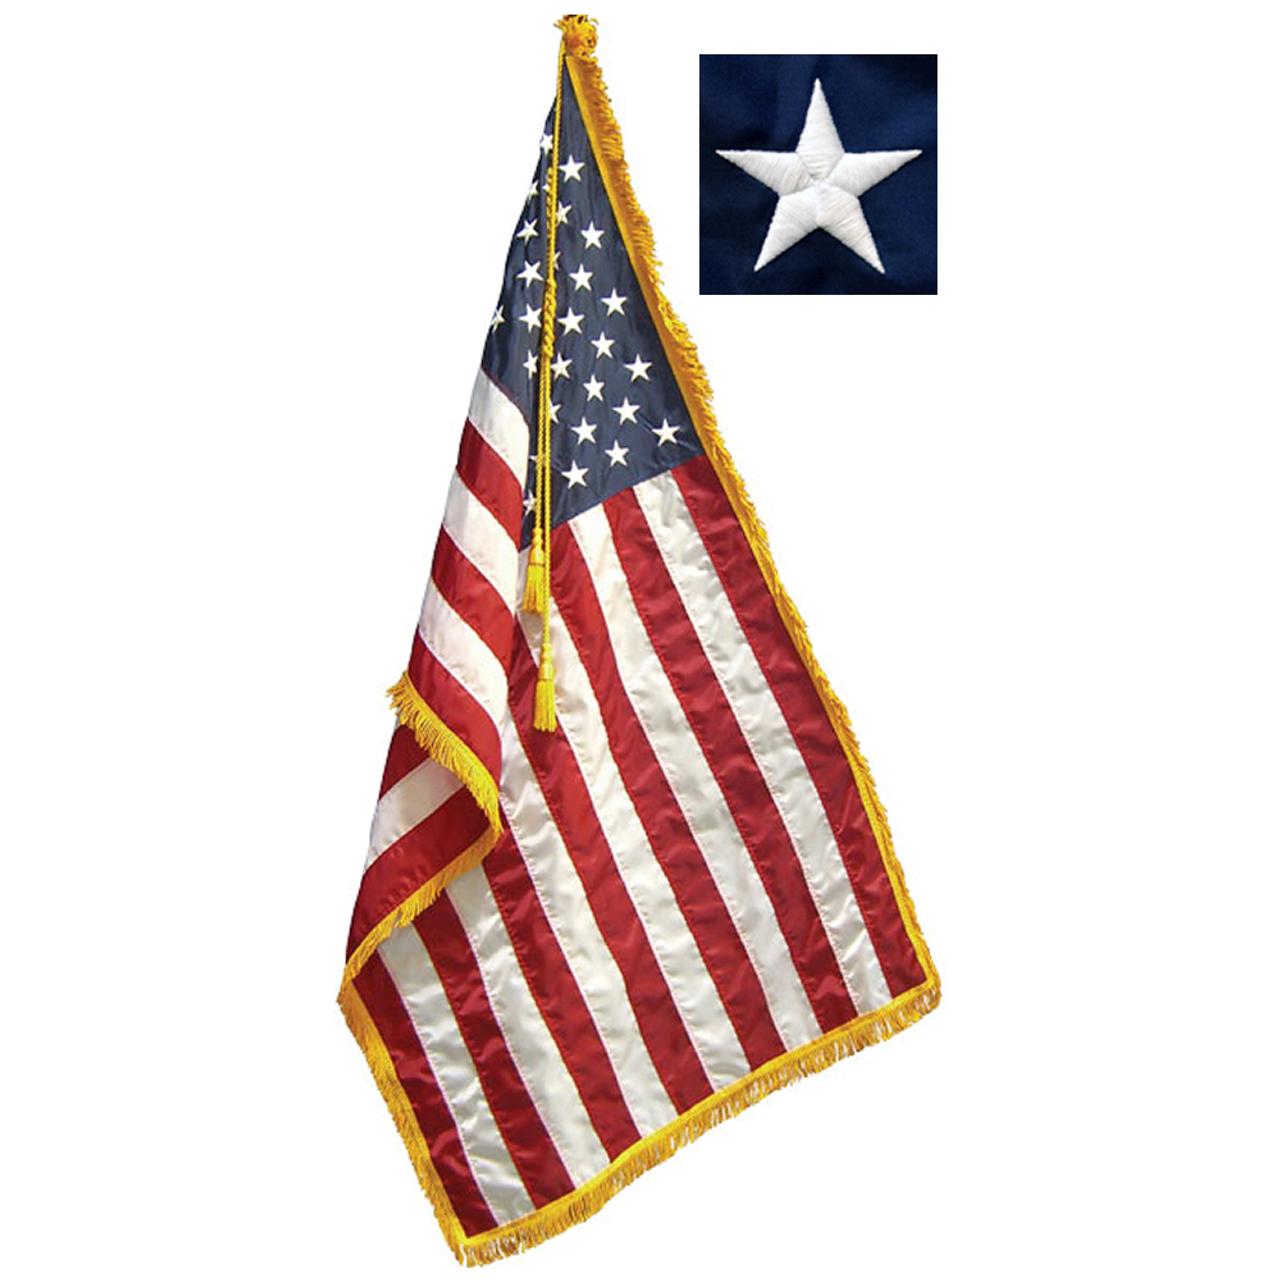 8' Indoor Flag Set